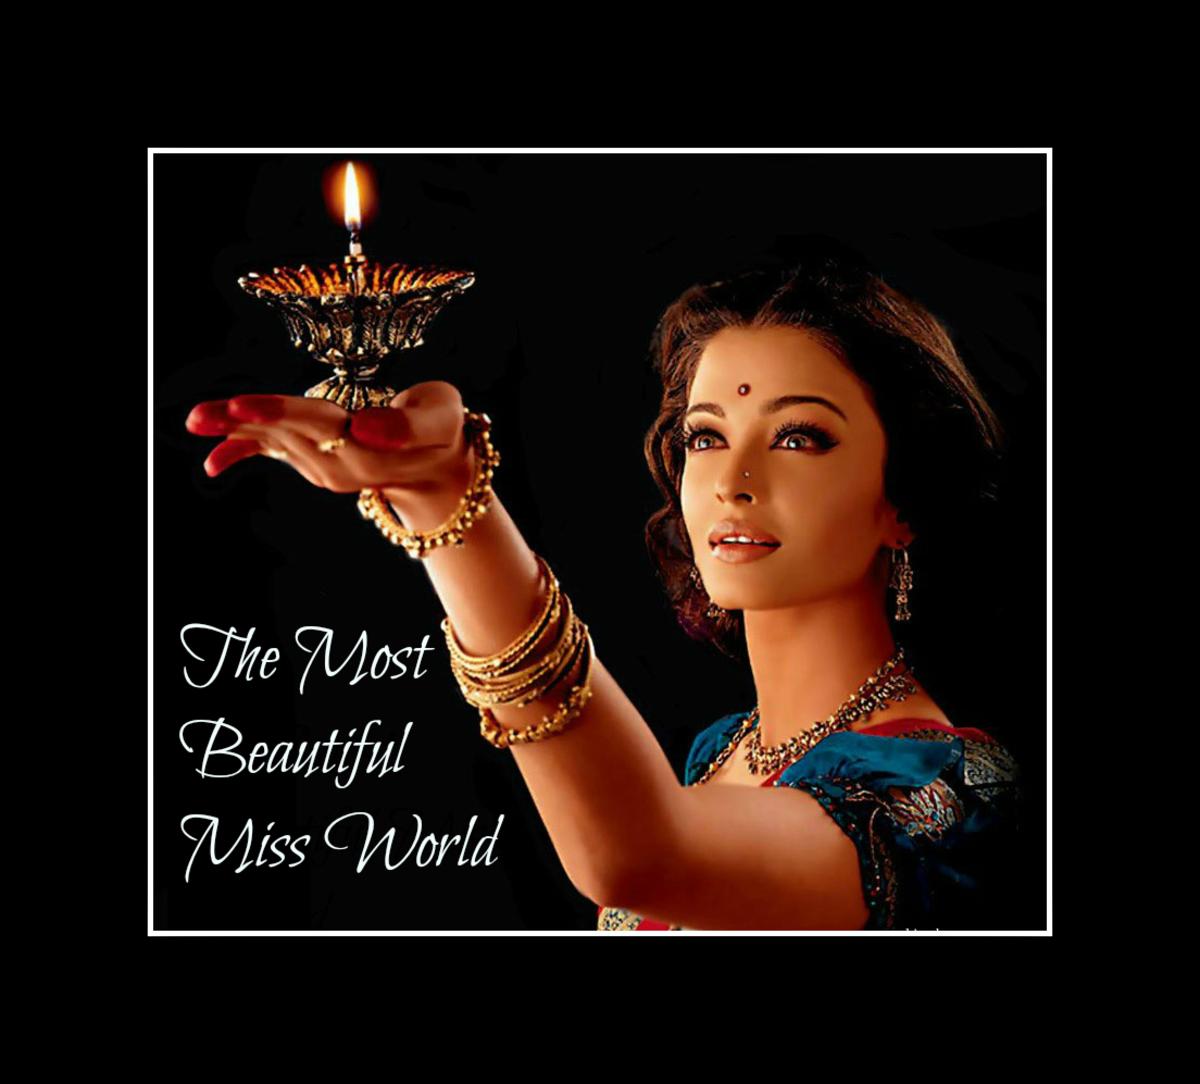 Aishwarya Rai, The Most Beautiful Miss World